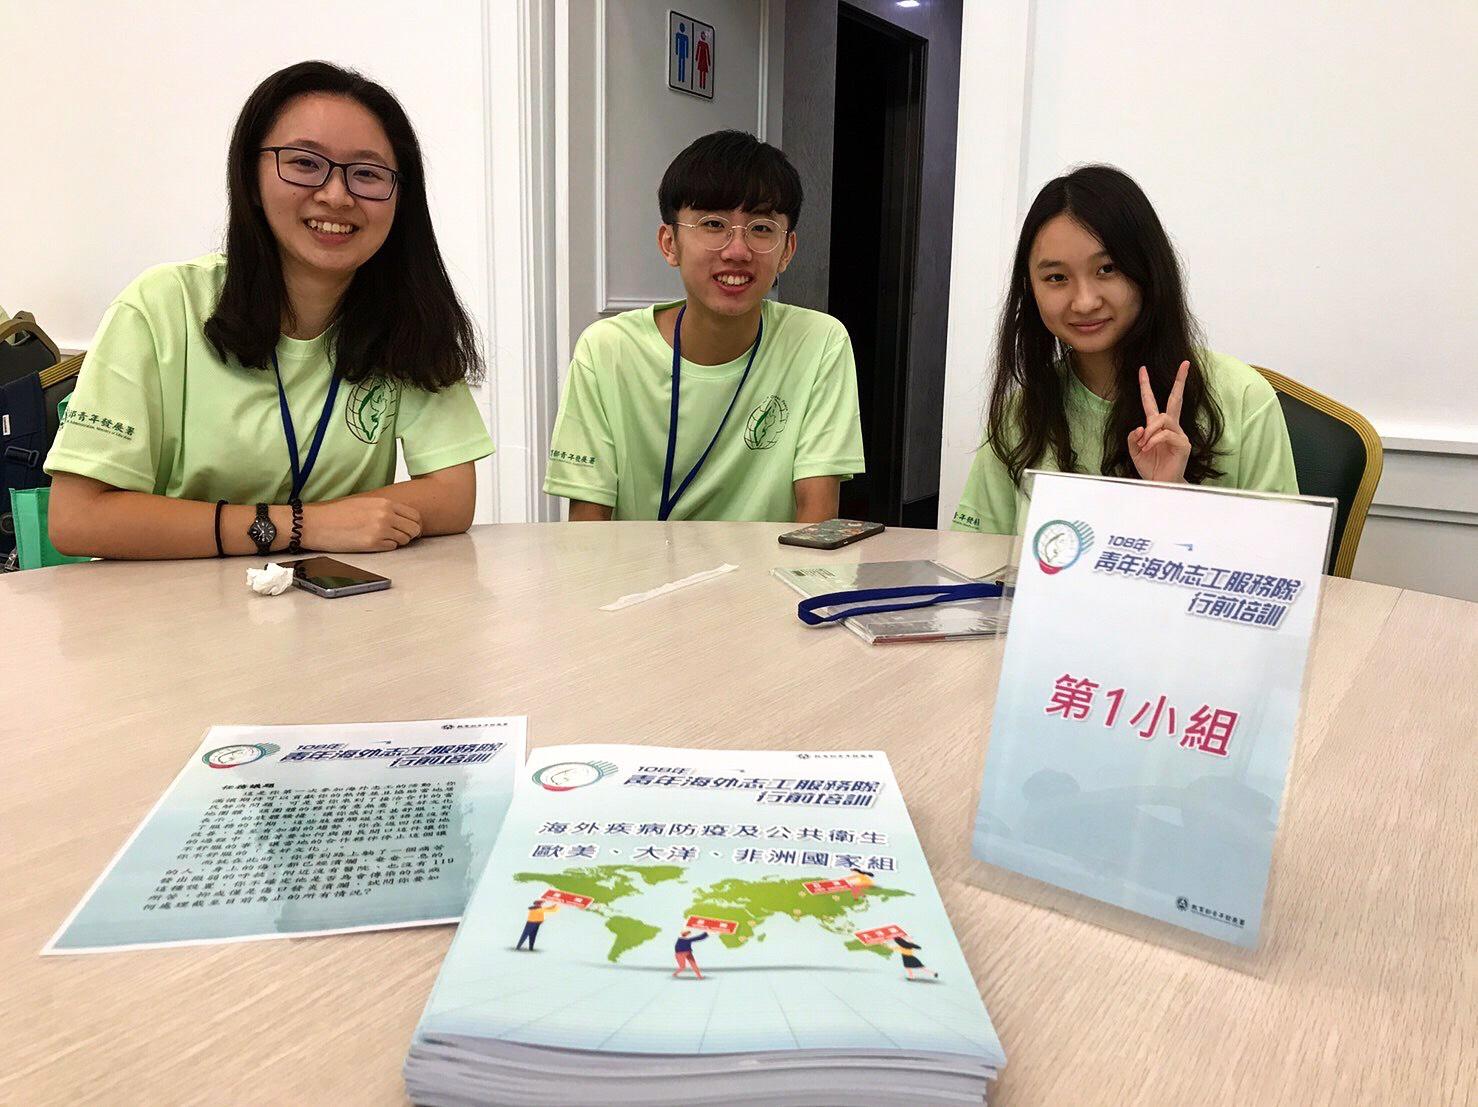 (圖一)青年海外志工團行前訓練將成員依照預計前往的地區分成數個小組,進行團隊的討論合作